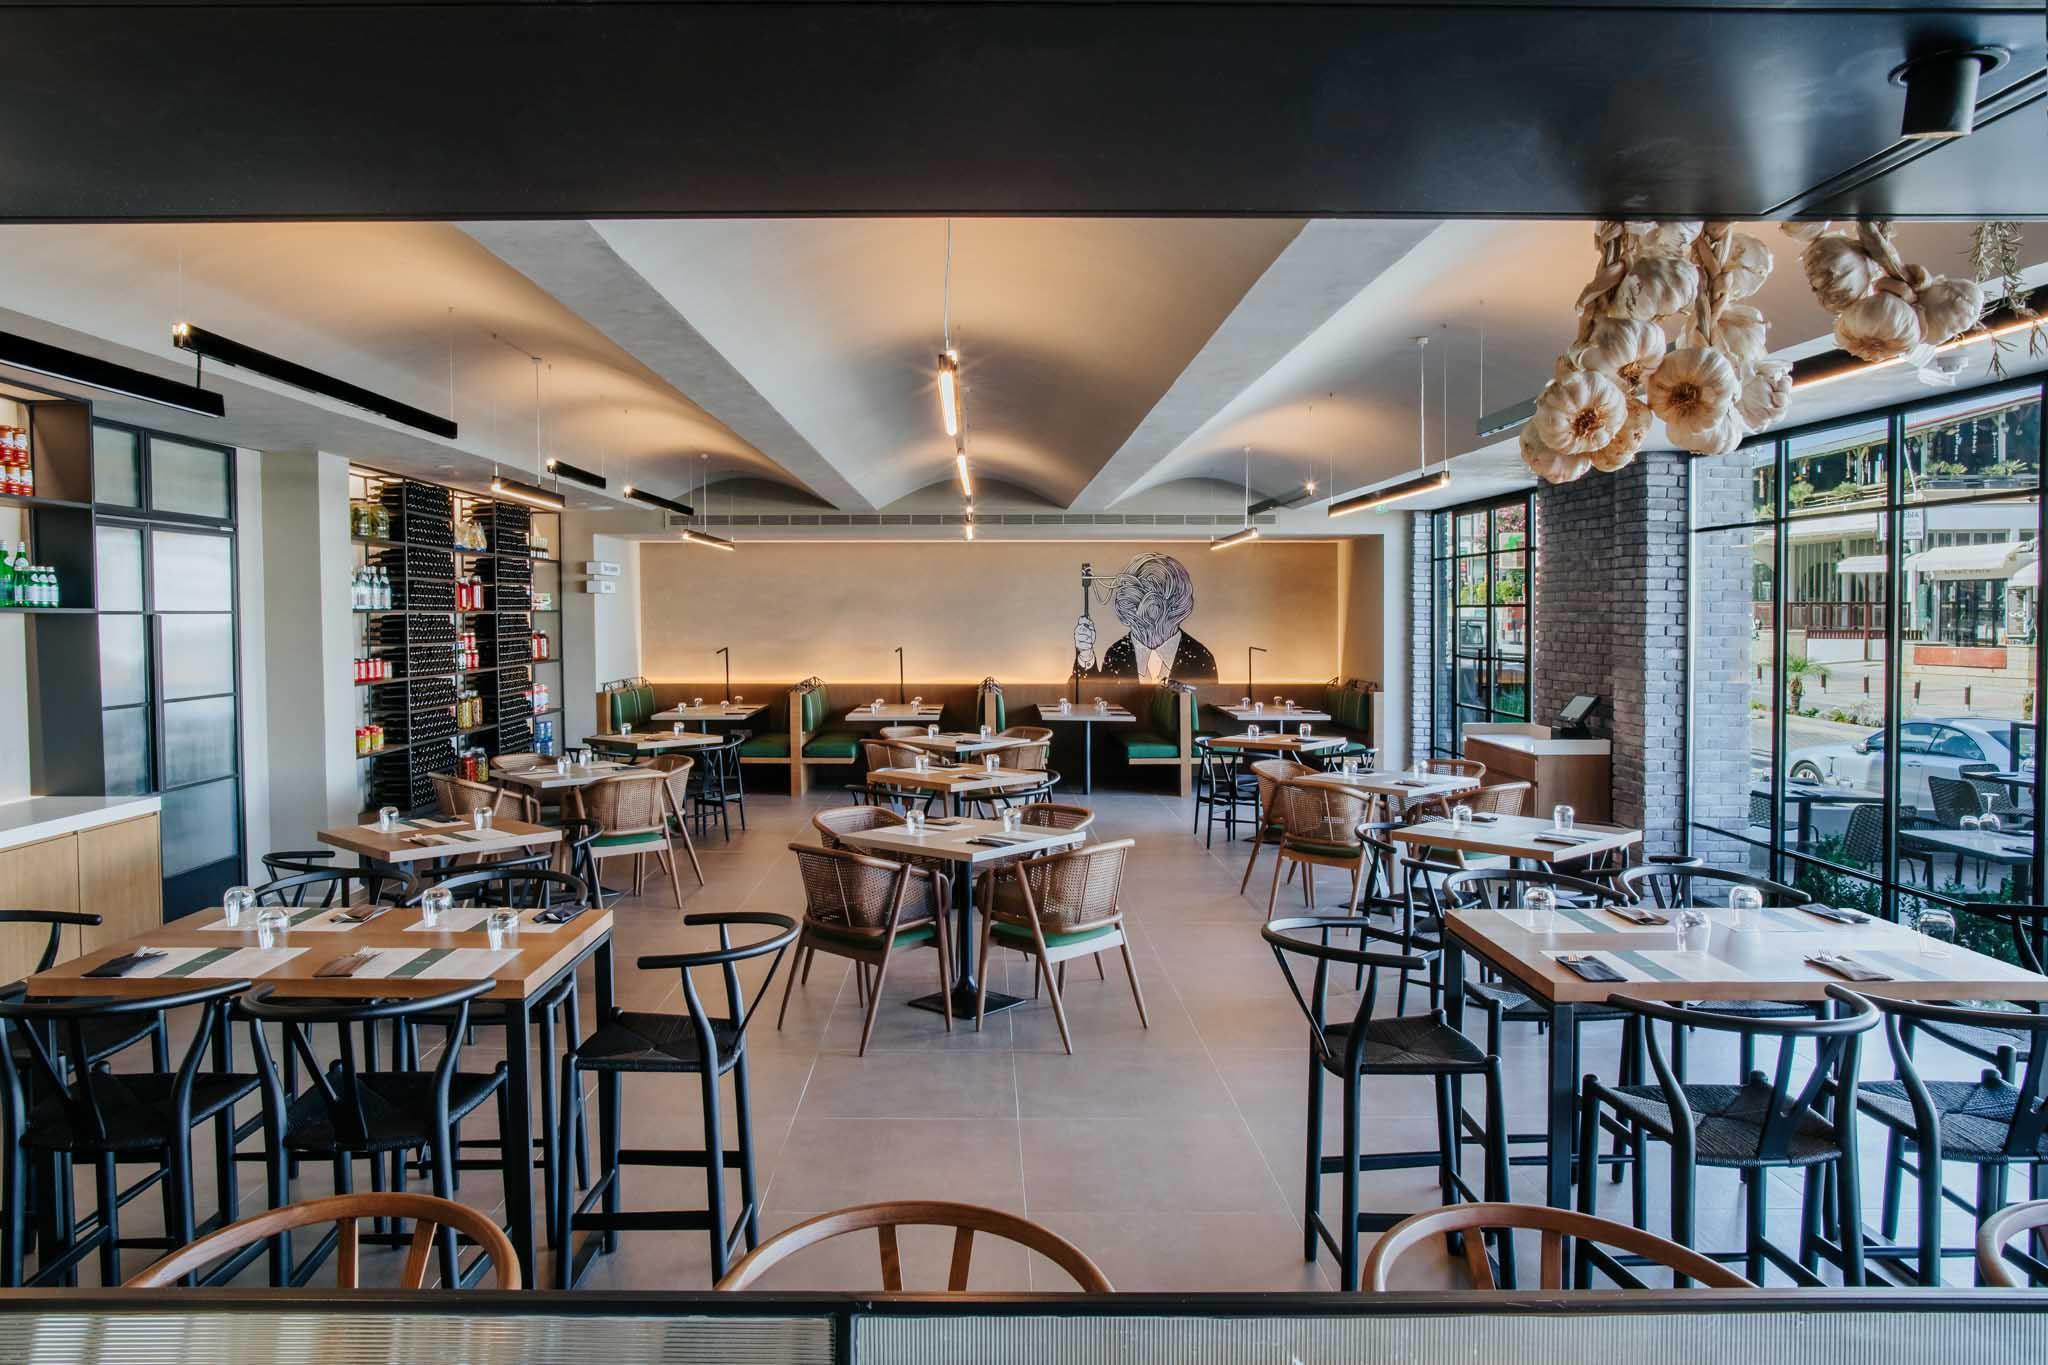 Napa-Plaza-restaurants-457-1